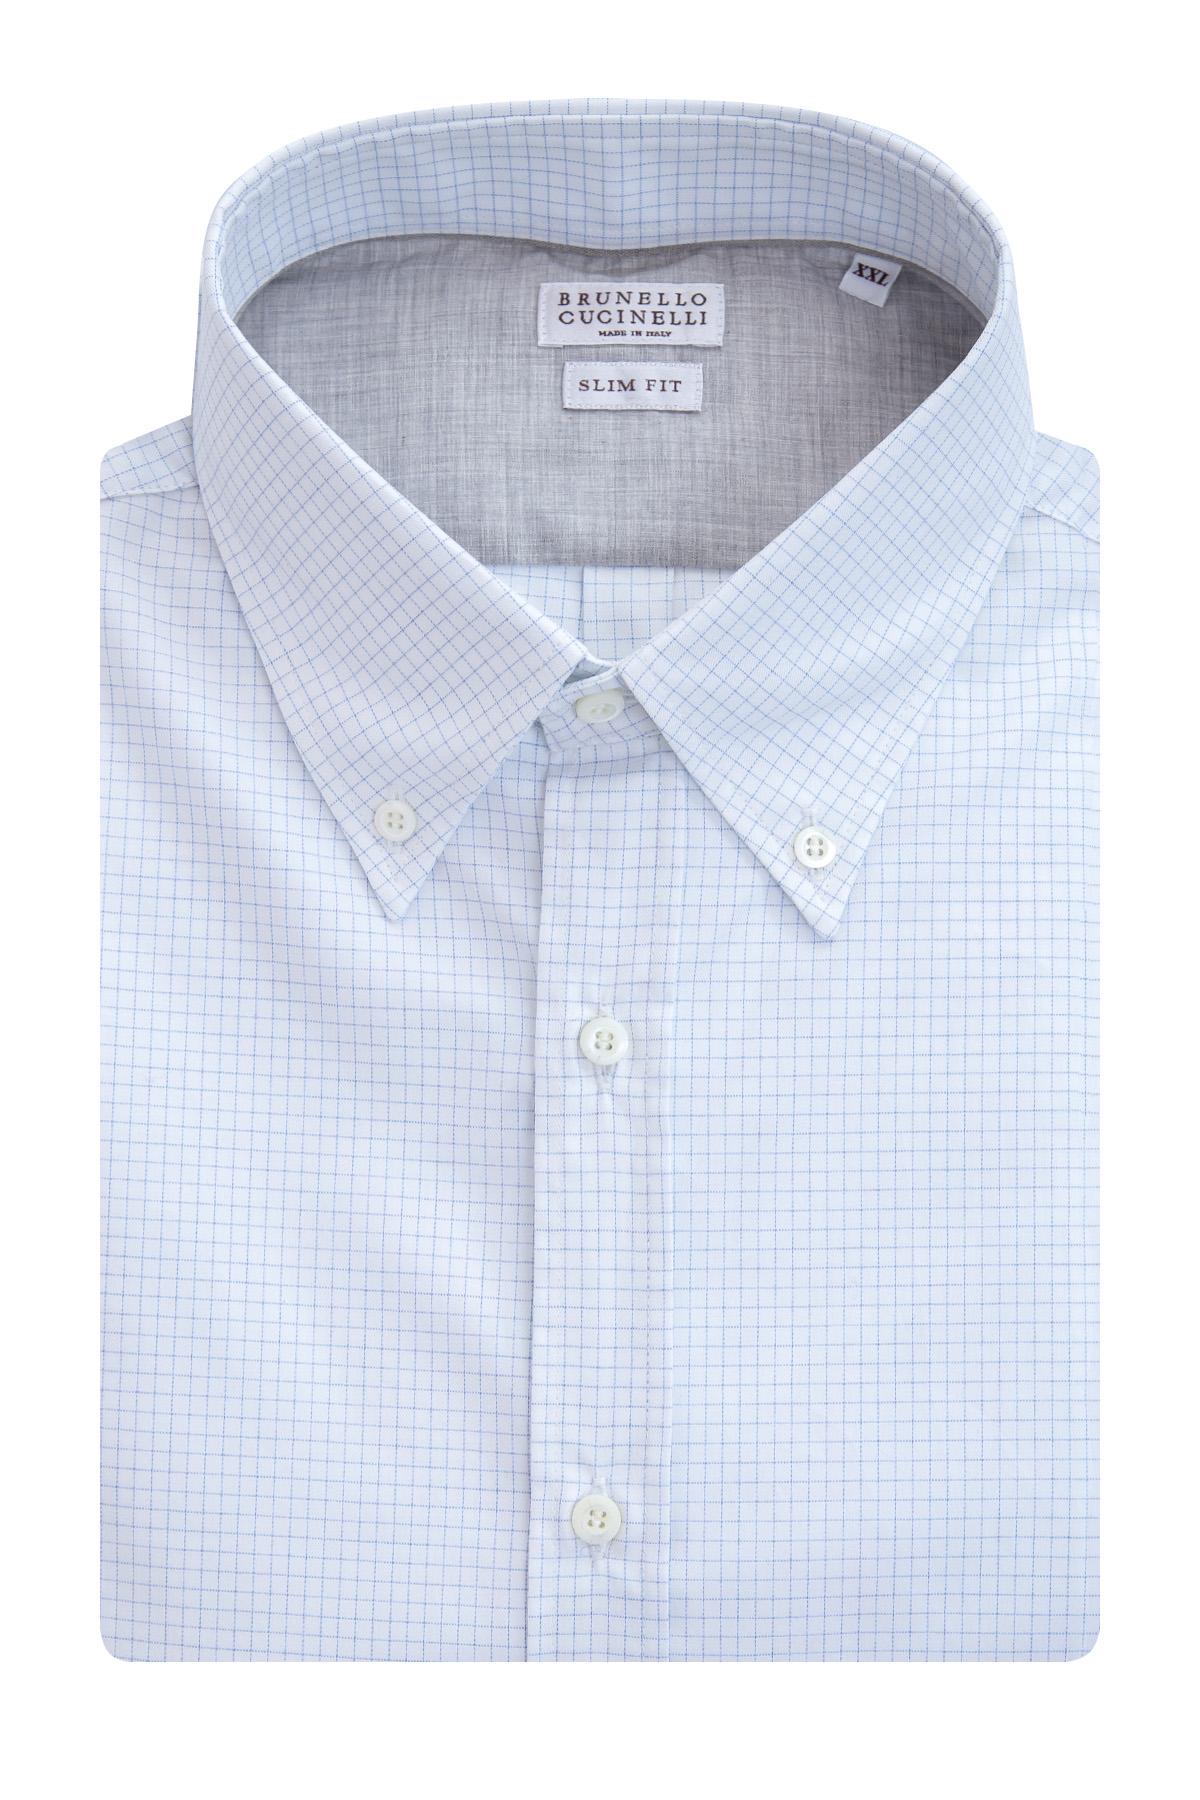 Купить Рубашка приталенного кроя с воротником на пуговицах в стиле casual, BRUNELLO CUCINELLI, Италия, хлопок 100%